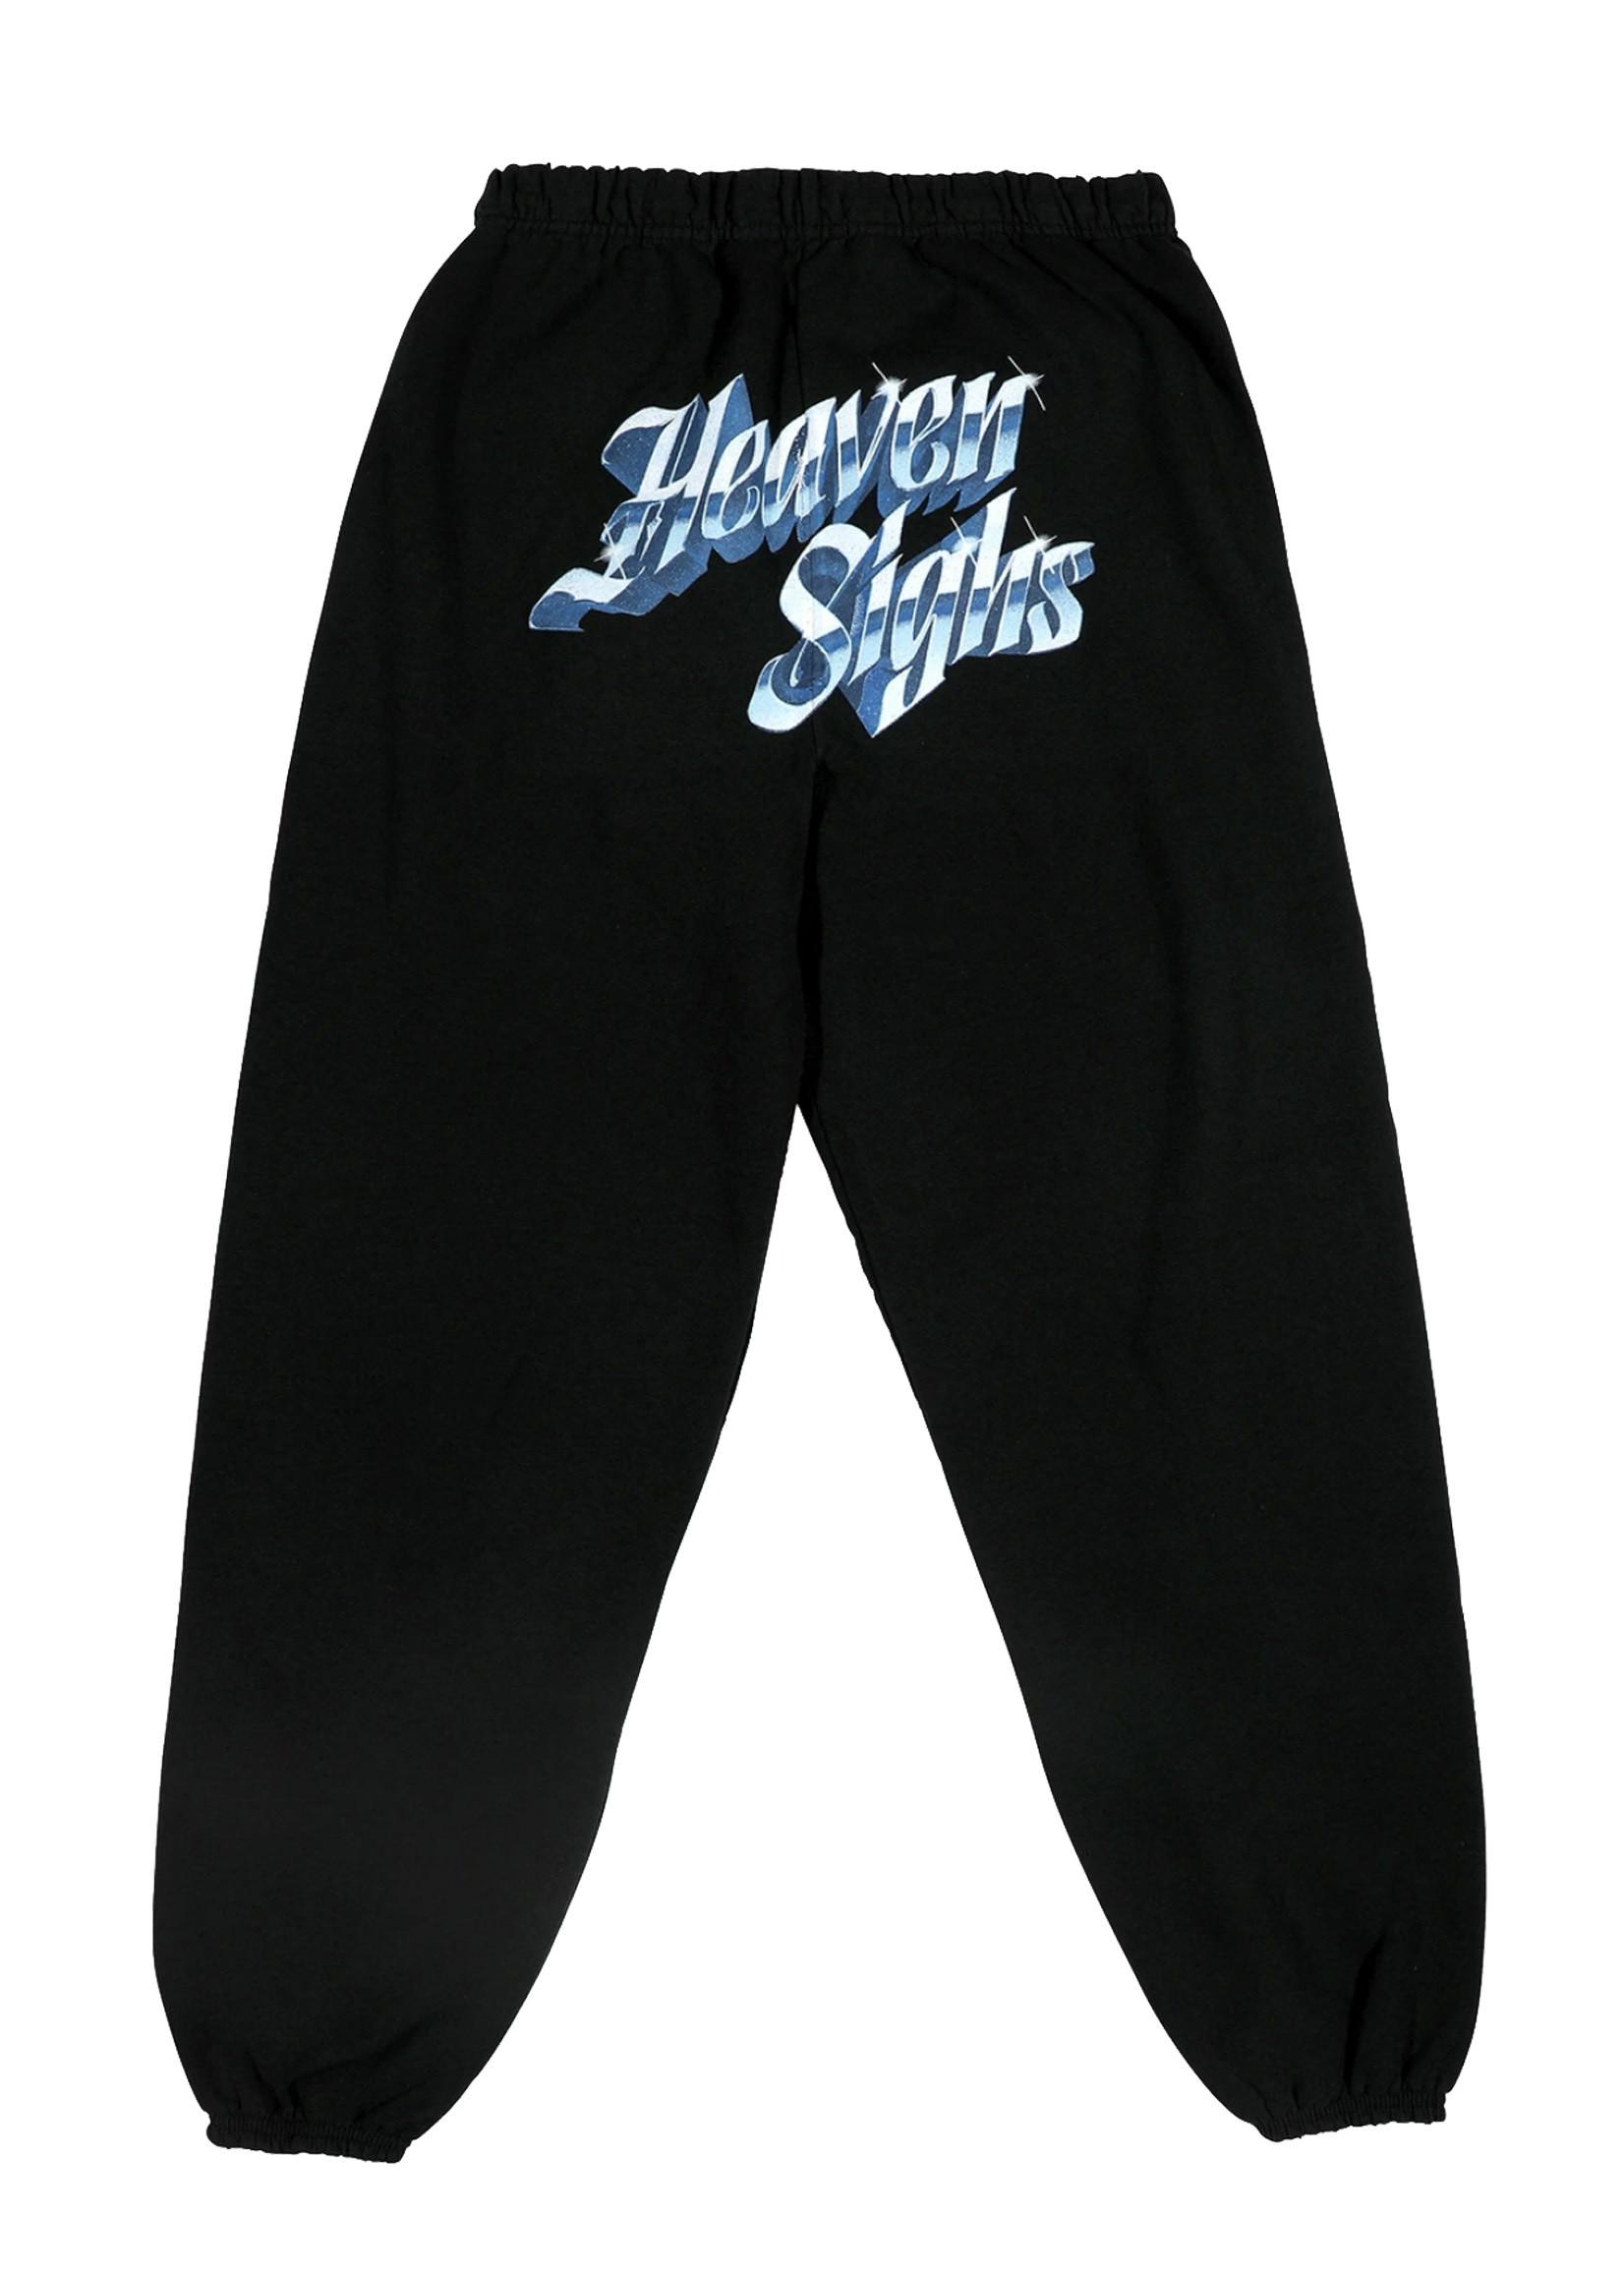 BOYS LIE BOYS LIE / Heaven Sighs Black Sweatpants